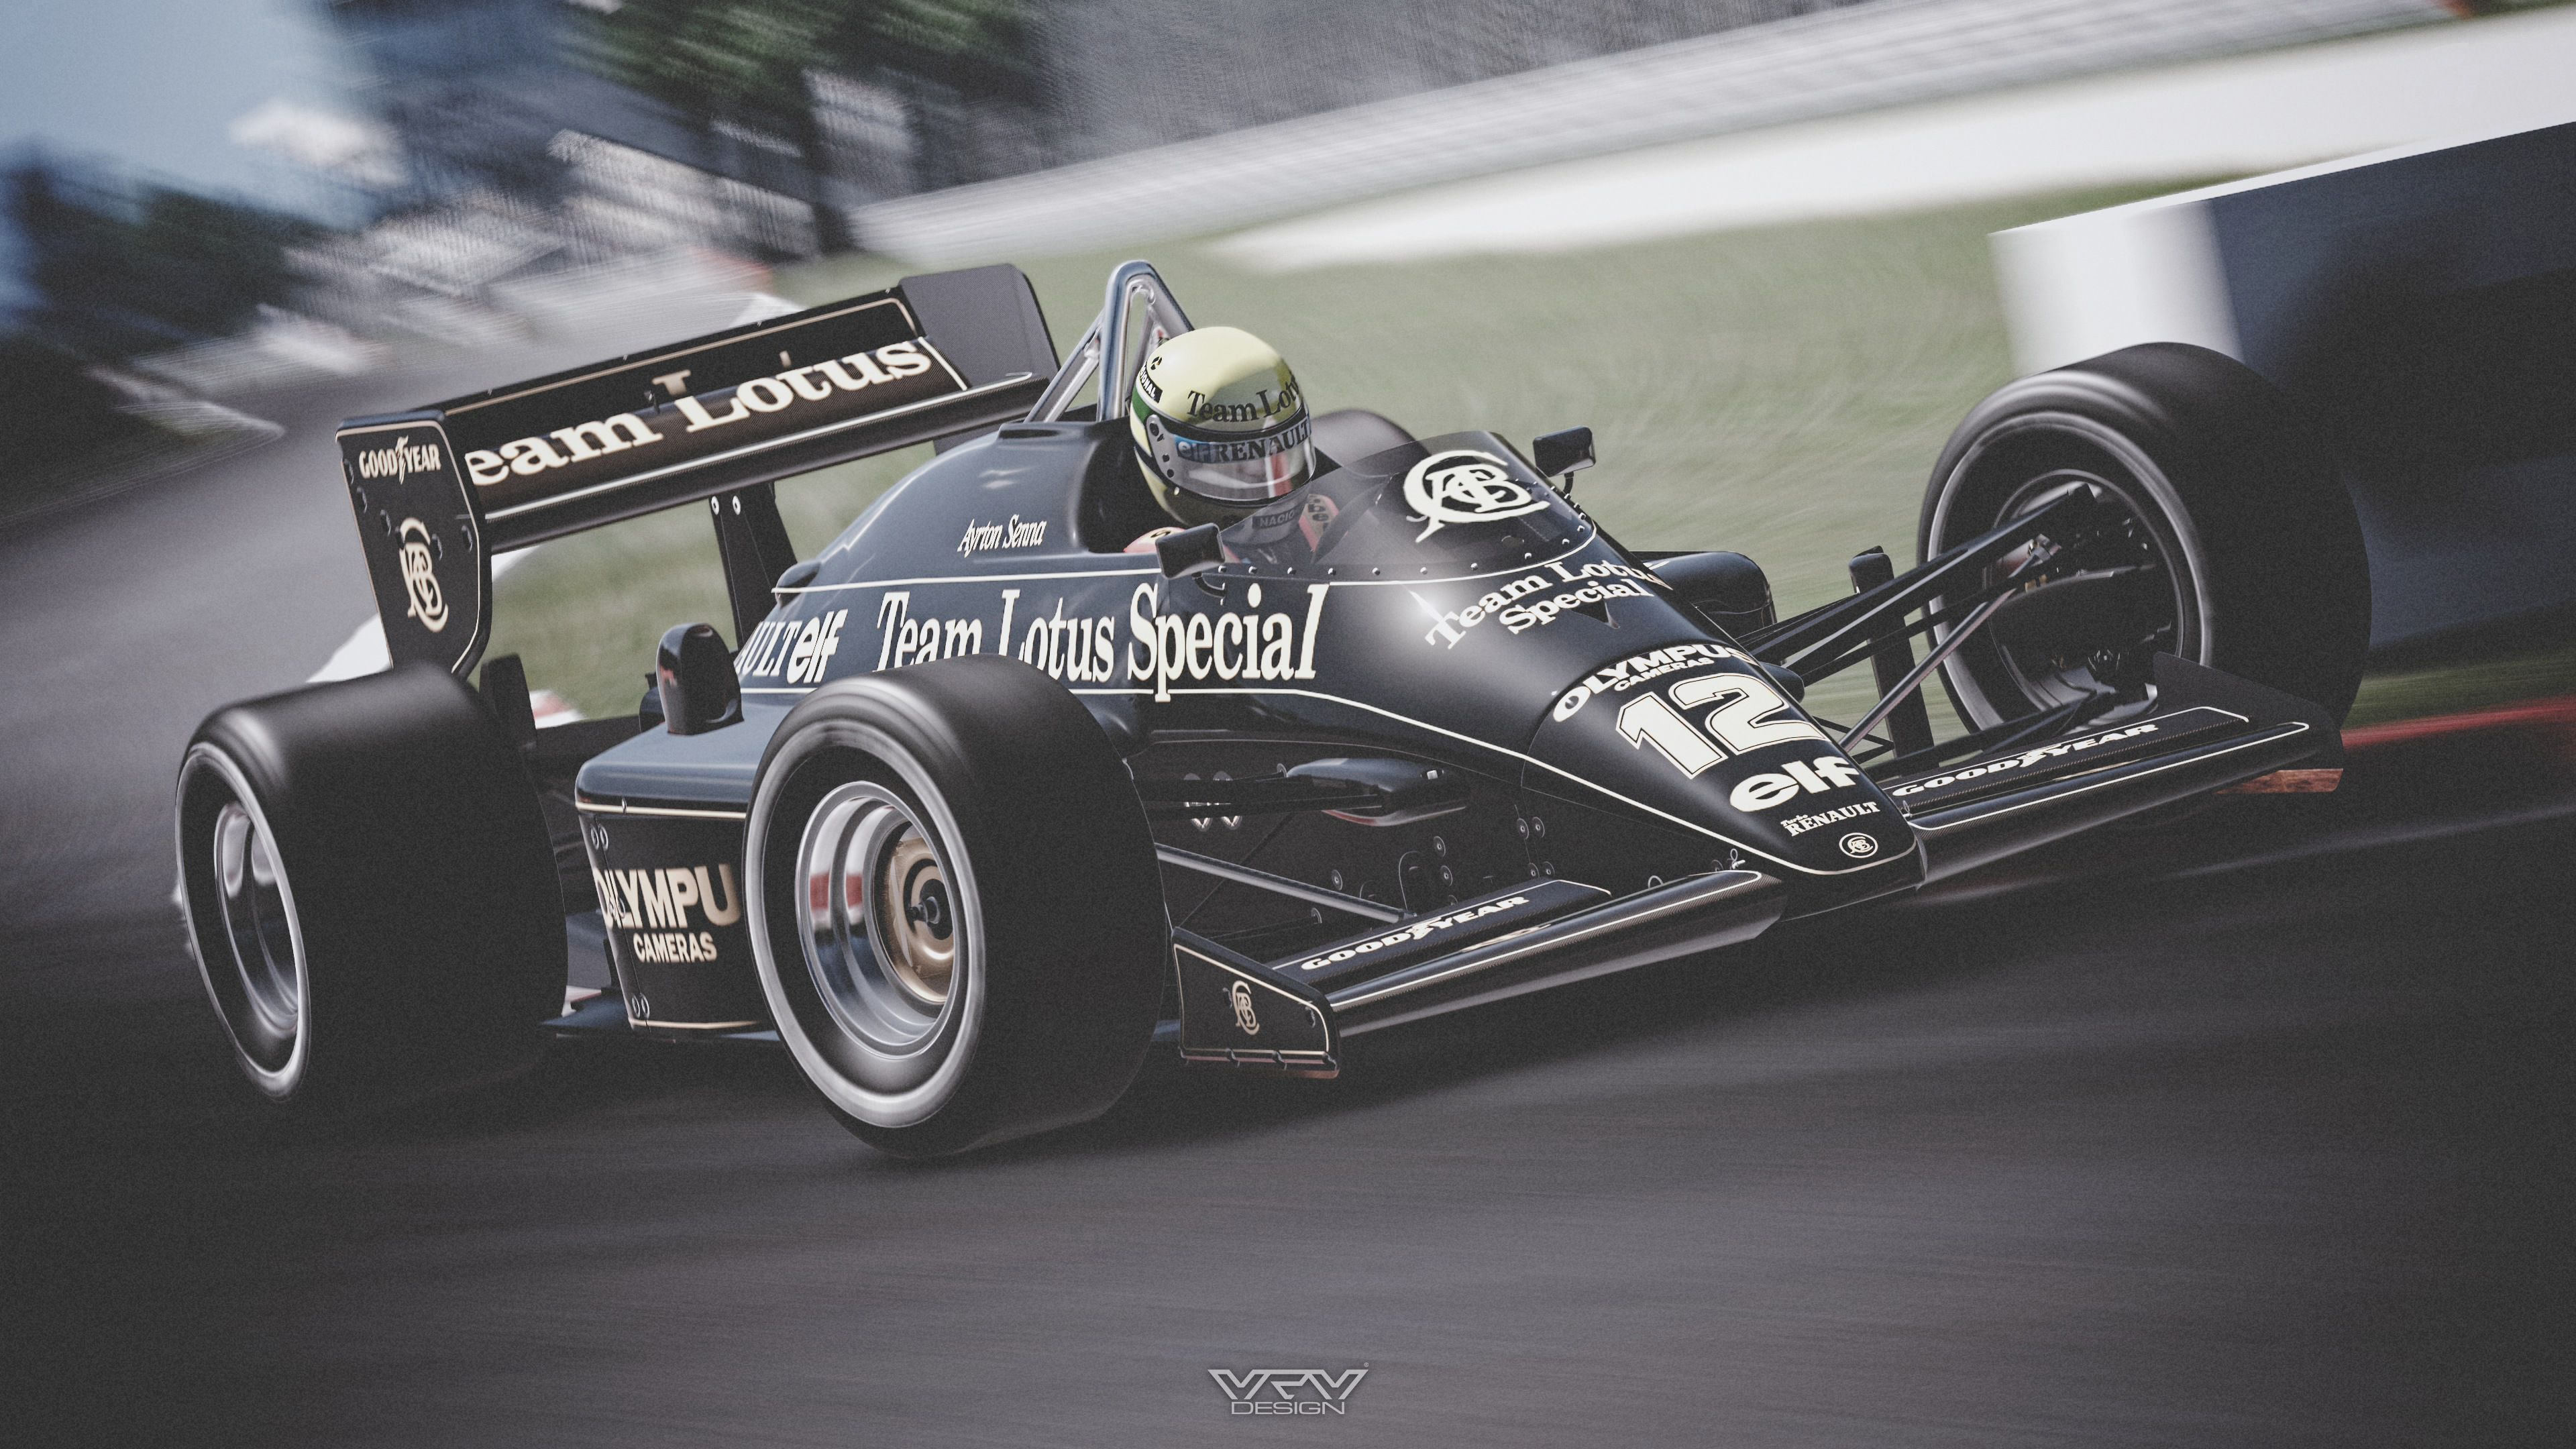 Ayrton Senna LOTUS 97T '85 - P03 by M2M-design.deviantart.com on @DeviantArt